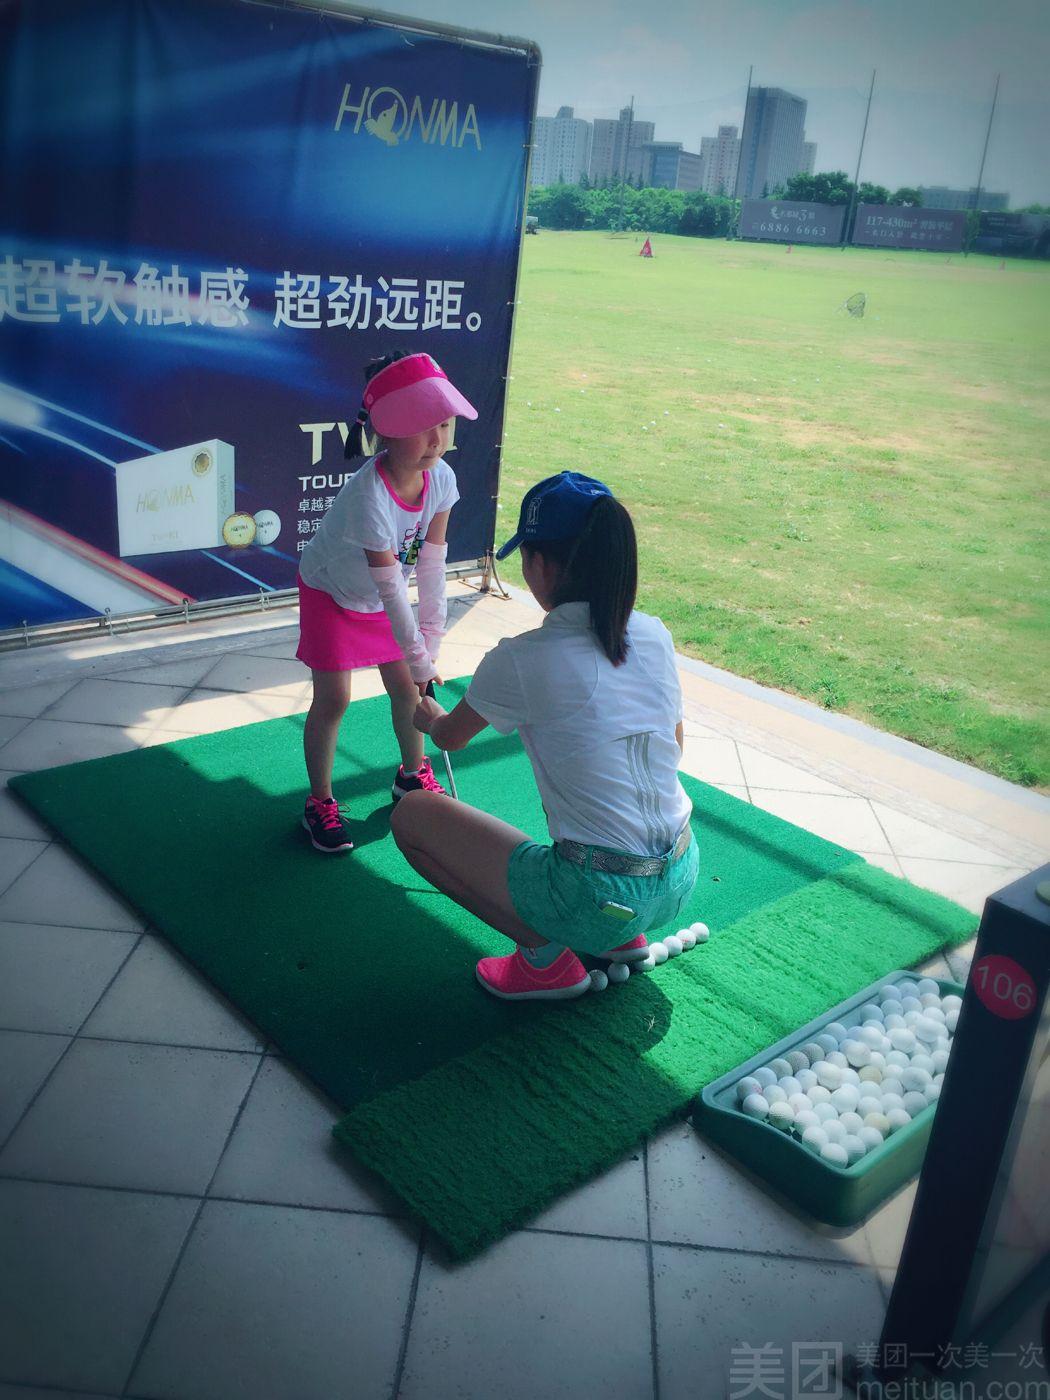 高尔夫团_上海高尔夫课程团购